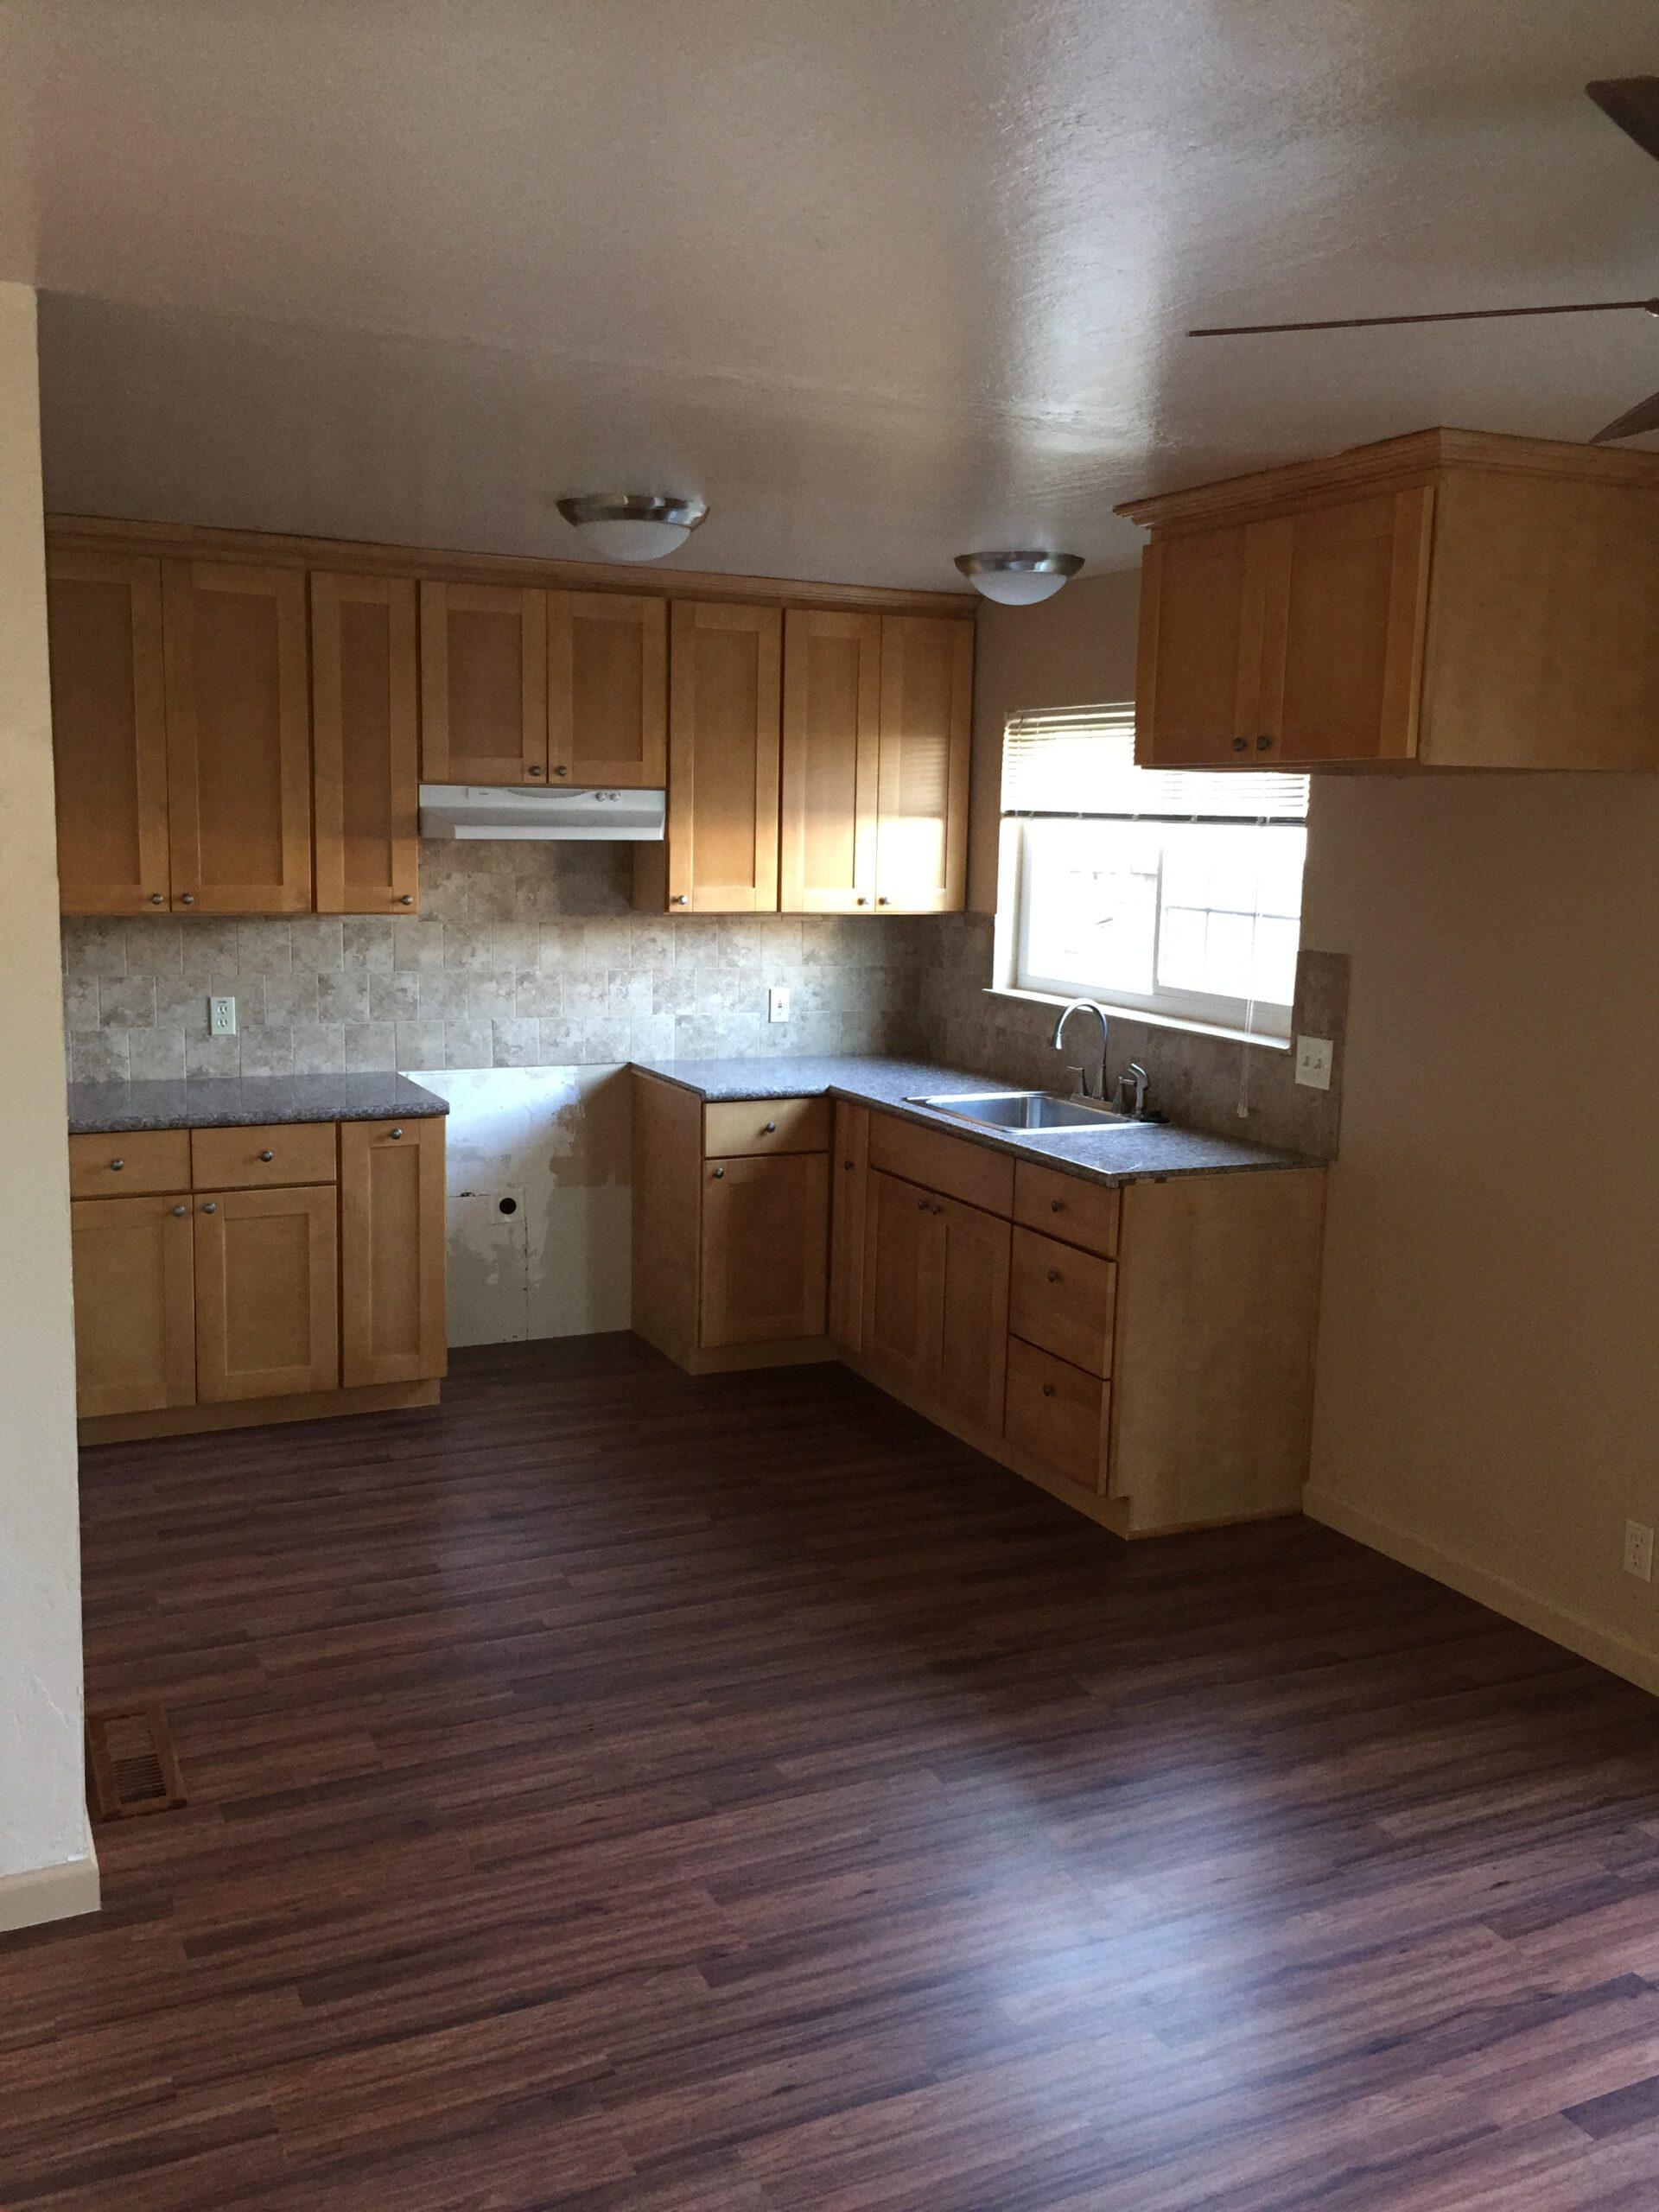 837 Northrup Unit A kitchen area